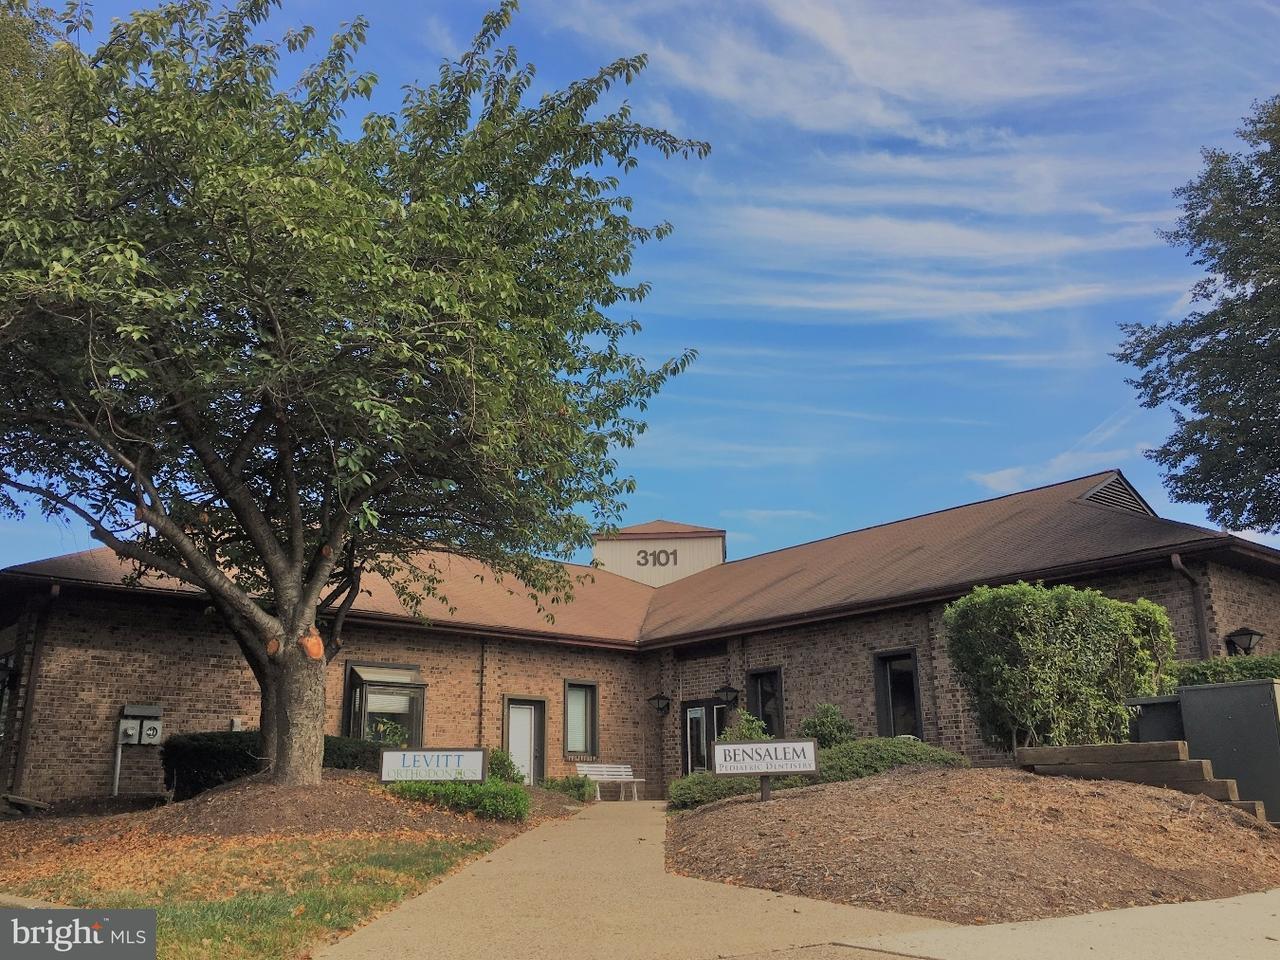 独户住宅 为 销售 在 3101 BRISTOL RD #7-12 Bensalem, 宾夕法尼亚州 19020 美国